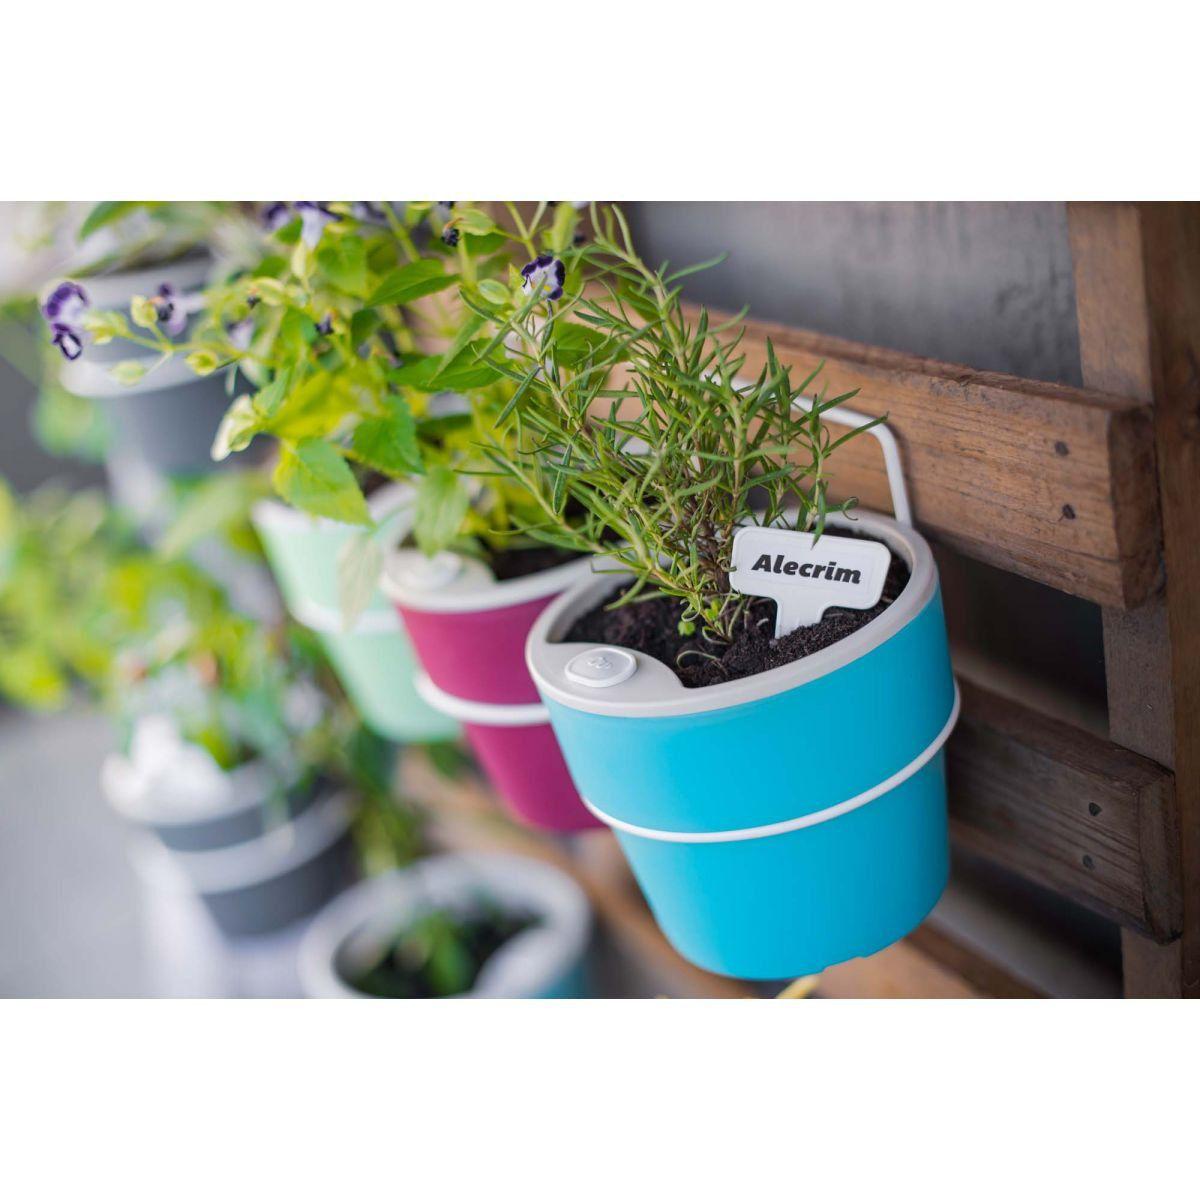 Kit com 3 Vasos Autoirrigáveis cor Chumbo com Suporte + Plaquinhas Linha Plantar < Ou >